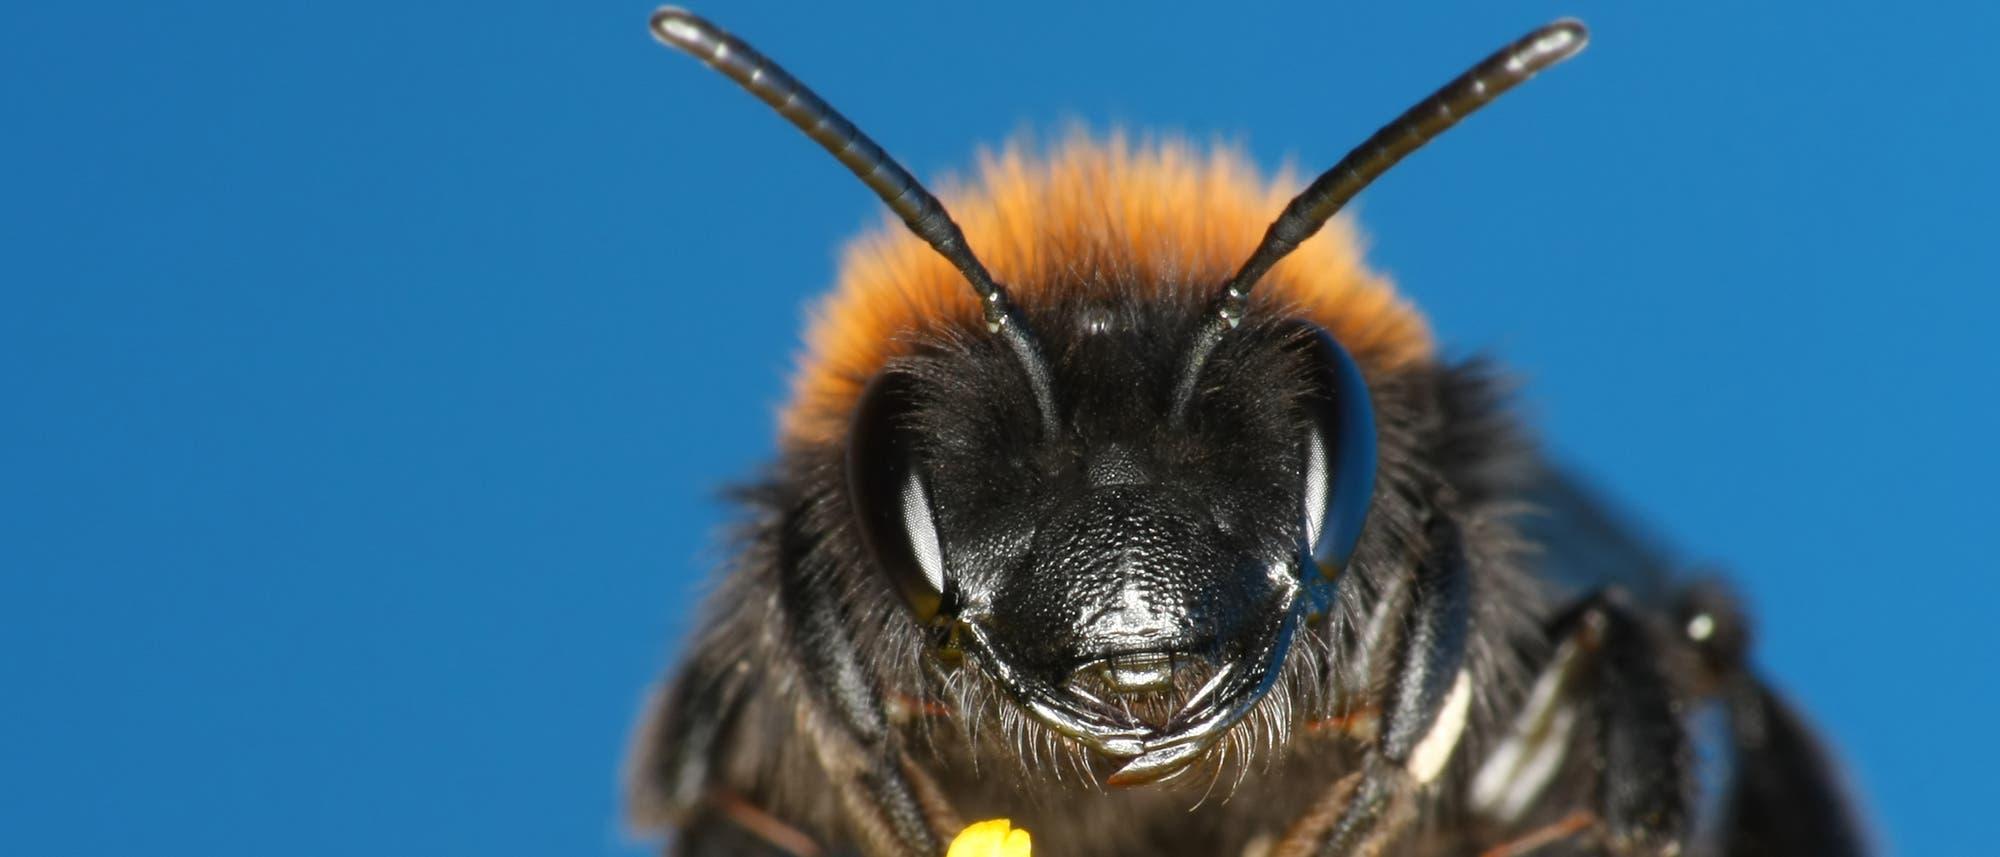 Eine Biene in Nahaufnahme